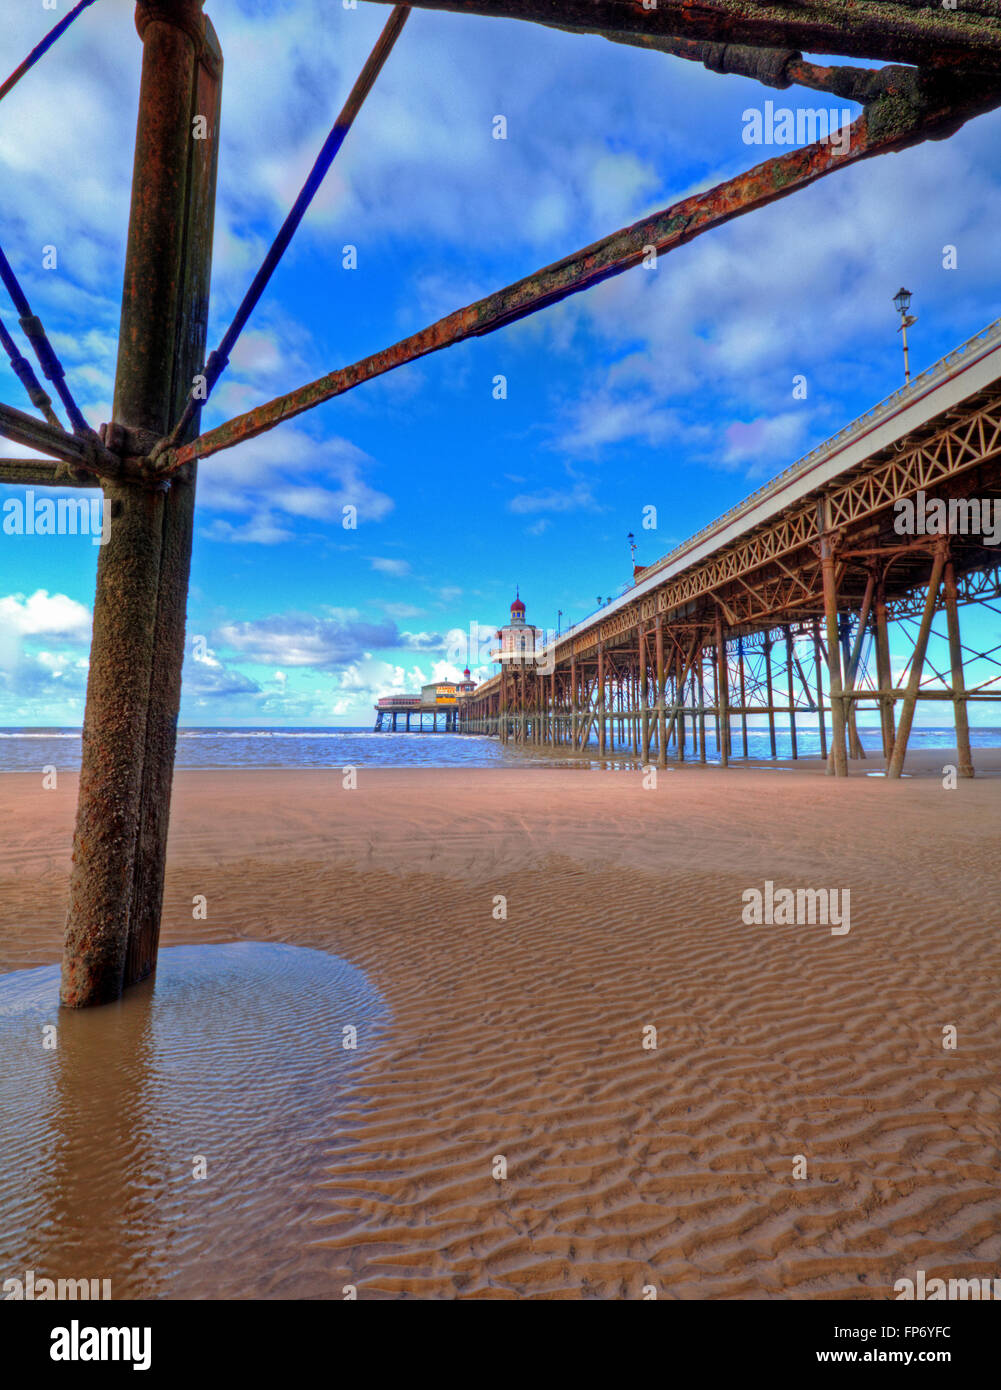 Una vista a lo largo de Blackpool, el Muelle Norte del ala sur. Imagen De Stock